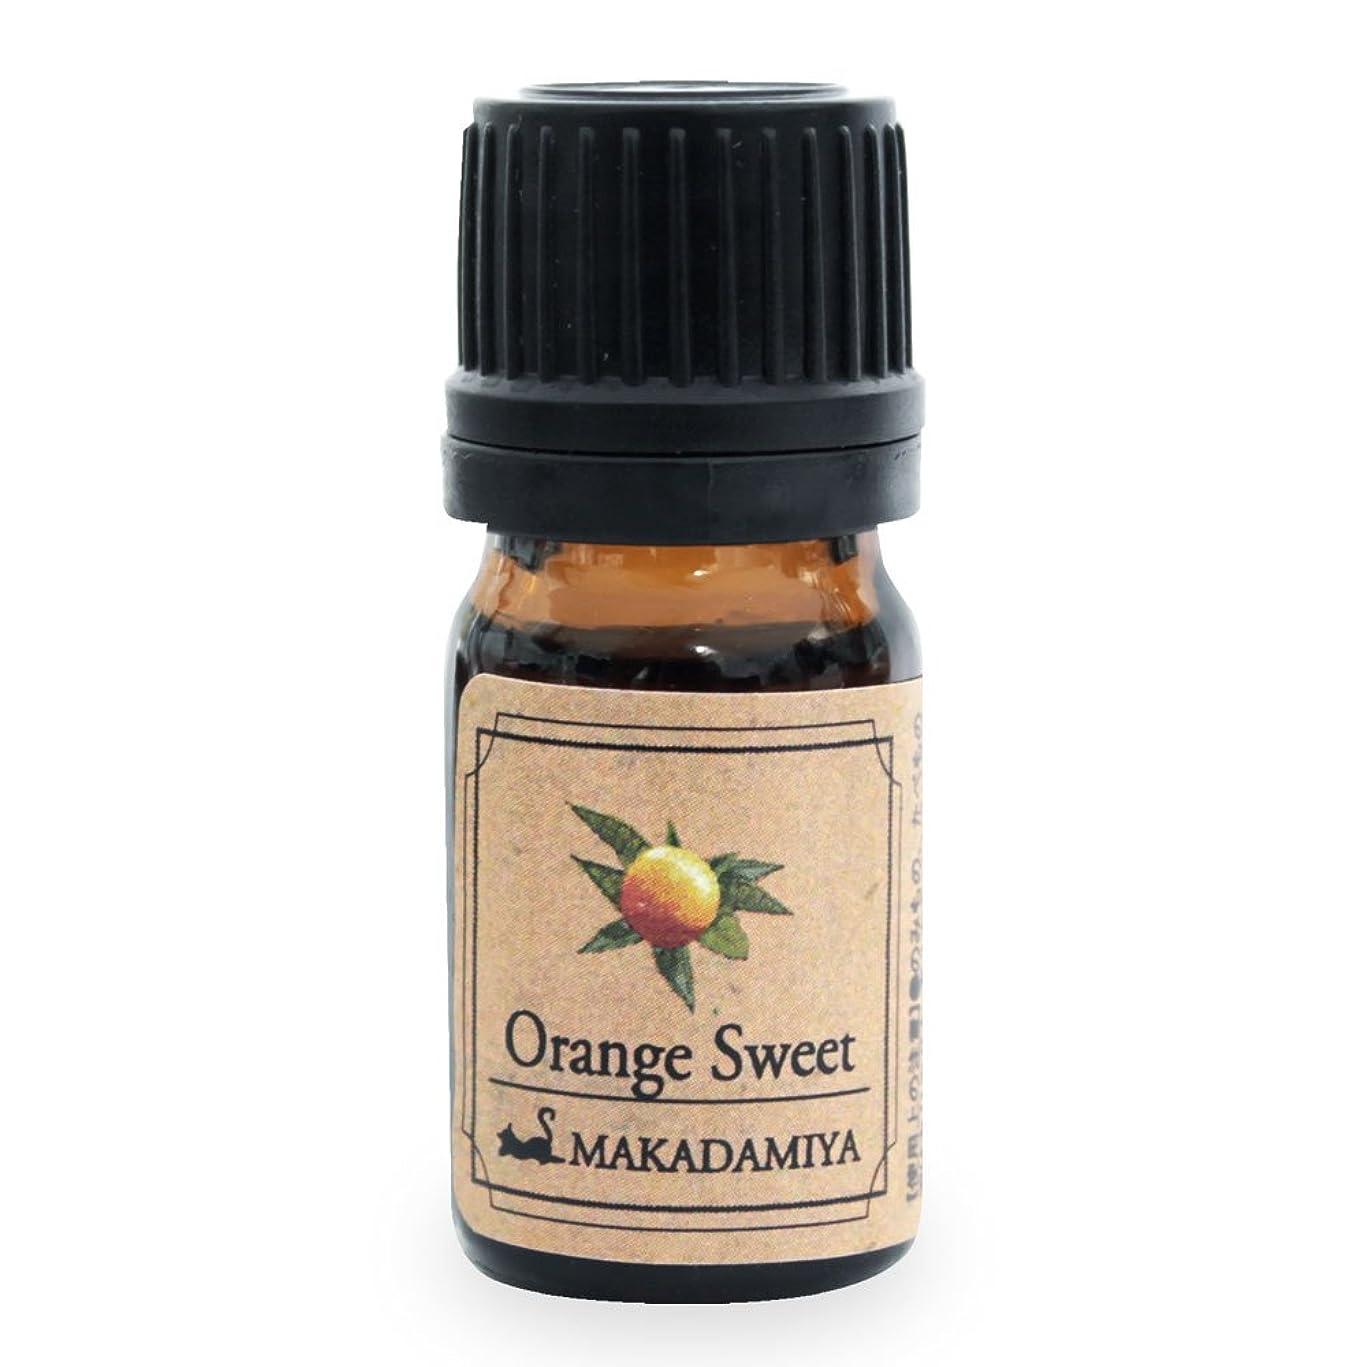 交響曲ただやるデイジーオレンジ?スイート5ml 天然100%植物性 エッセンシャルオイル(精油) アロマオイル アロママッサージ aroma Orange Sweet